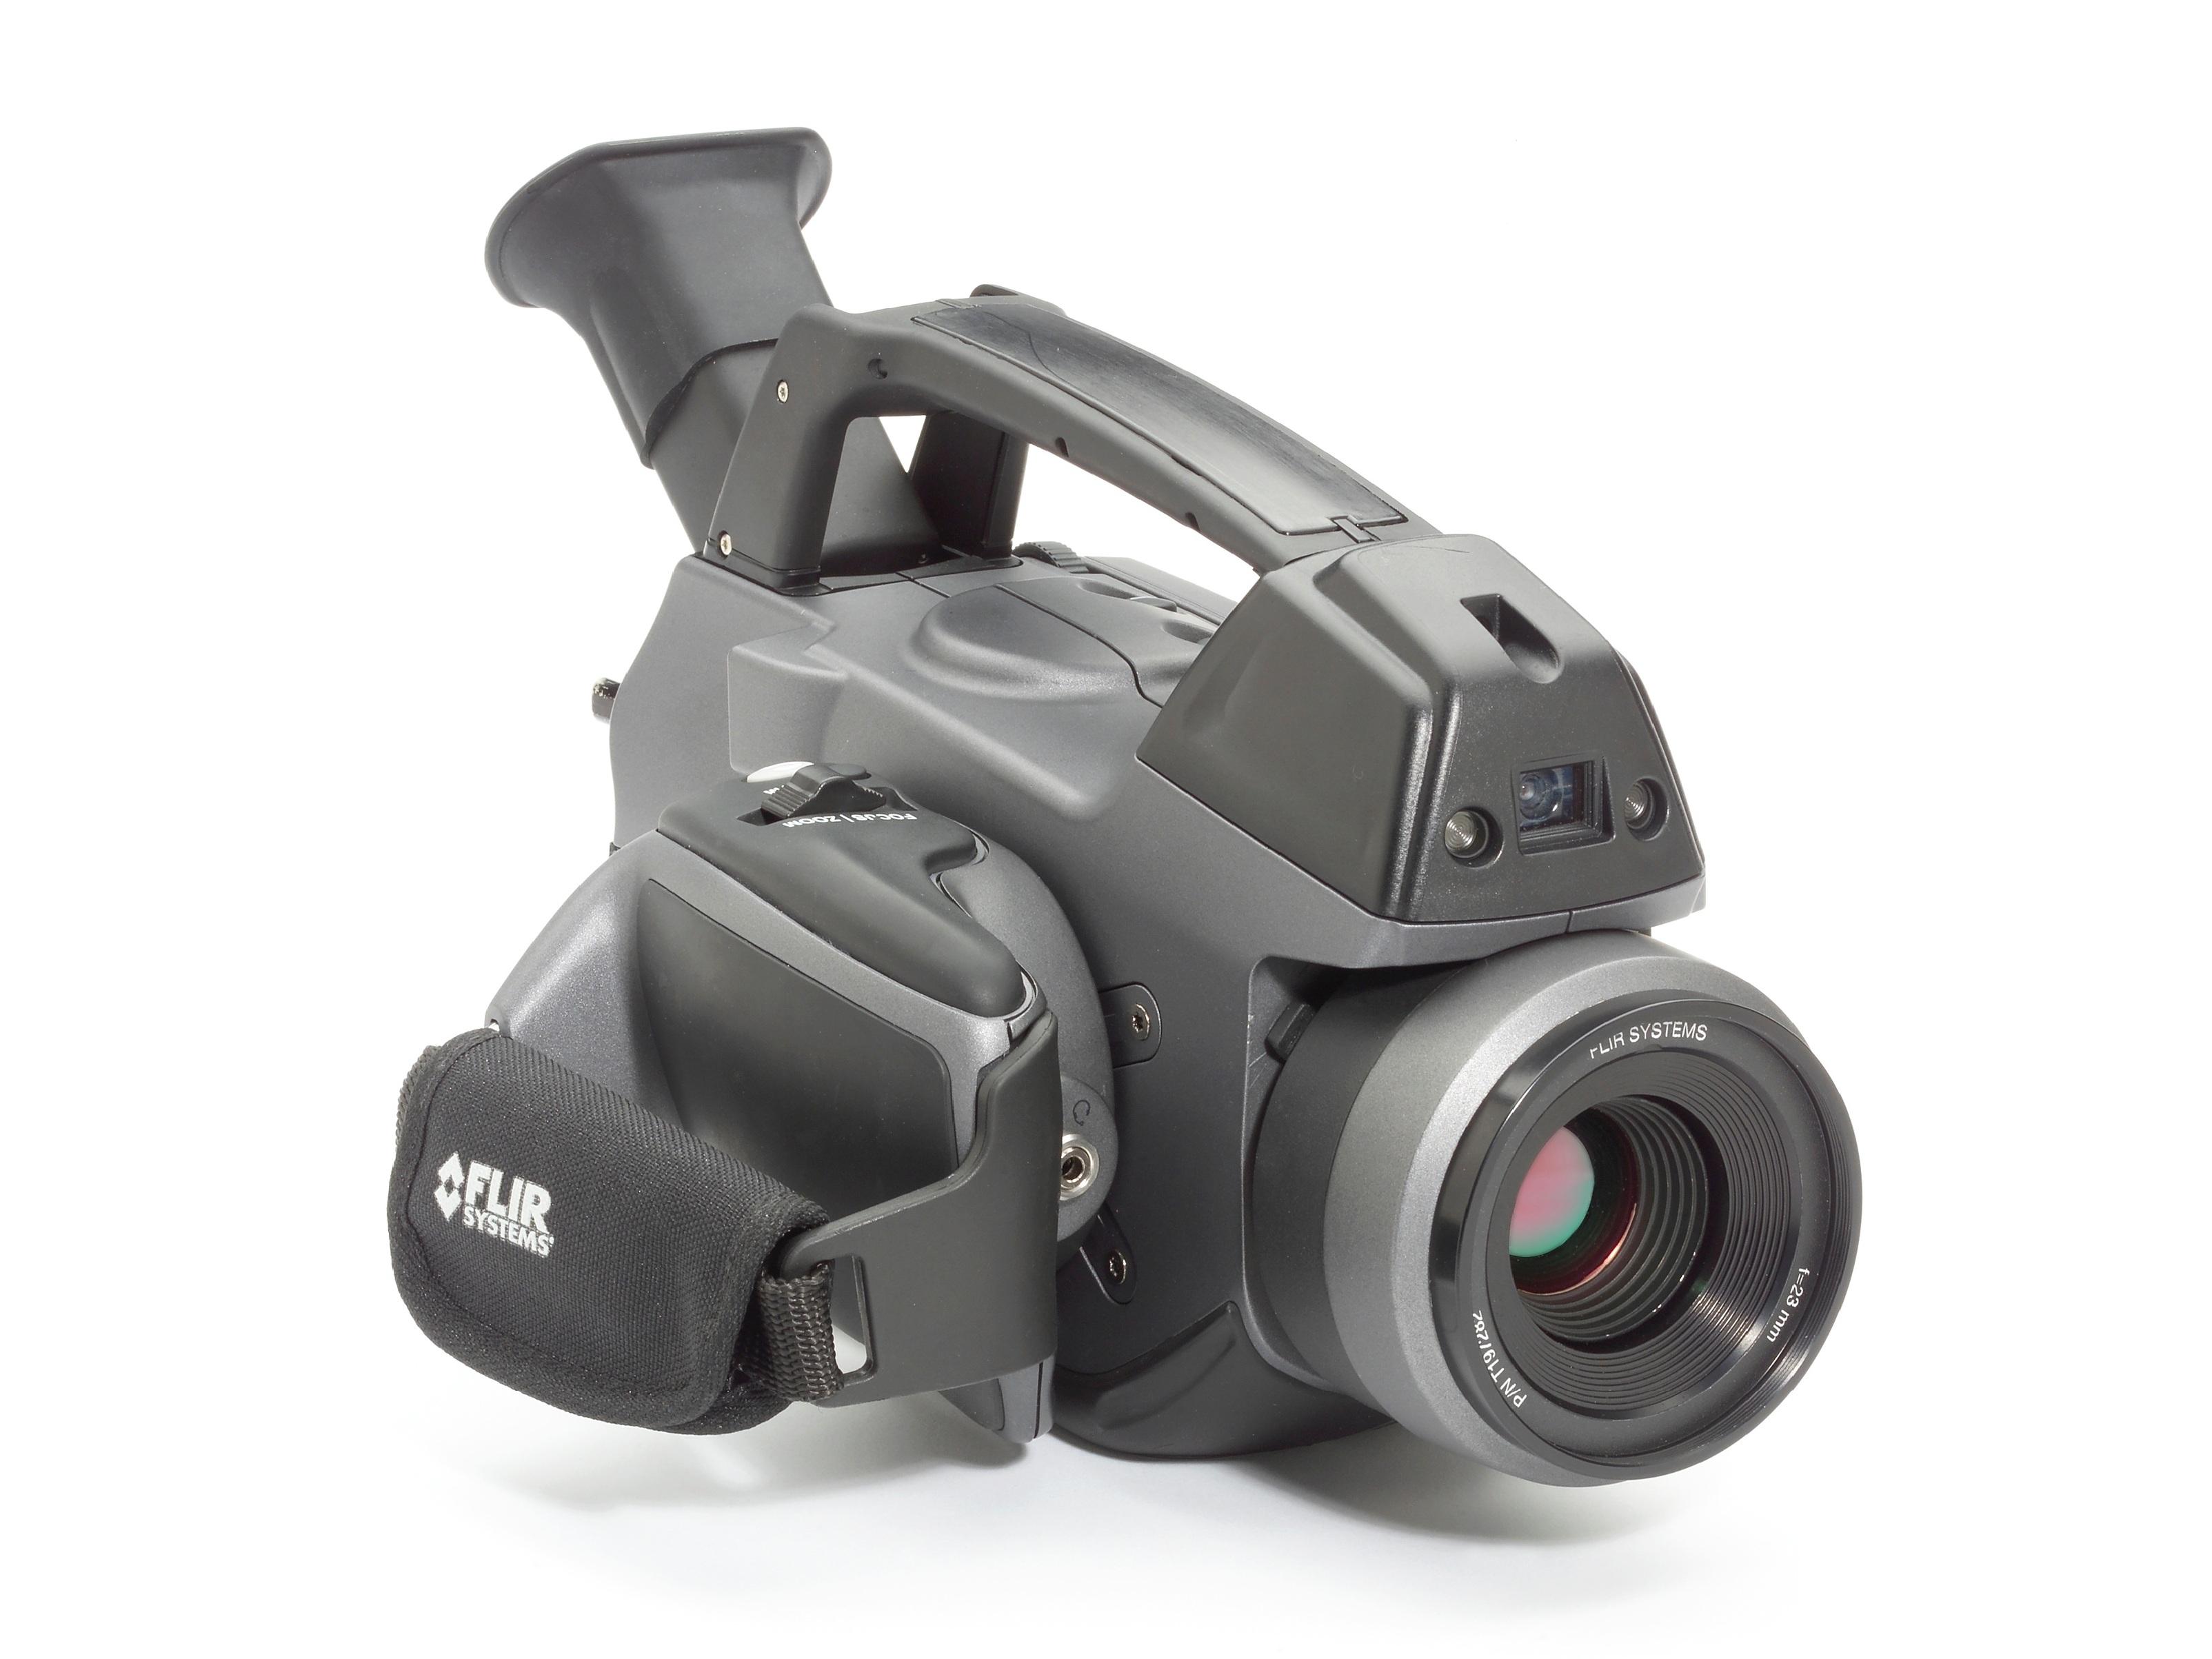 FLIR GF346 infrakamera